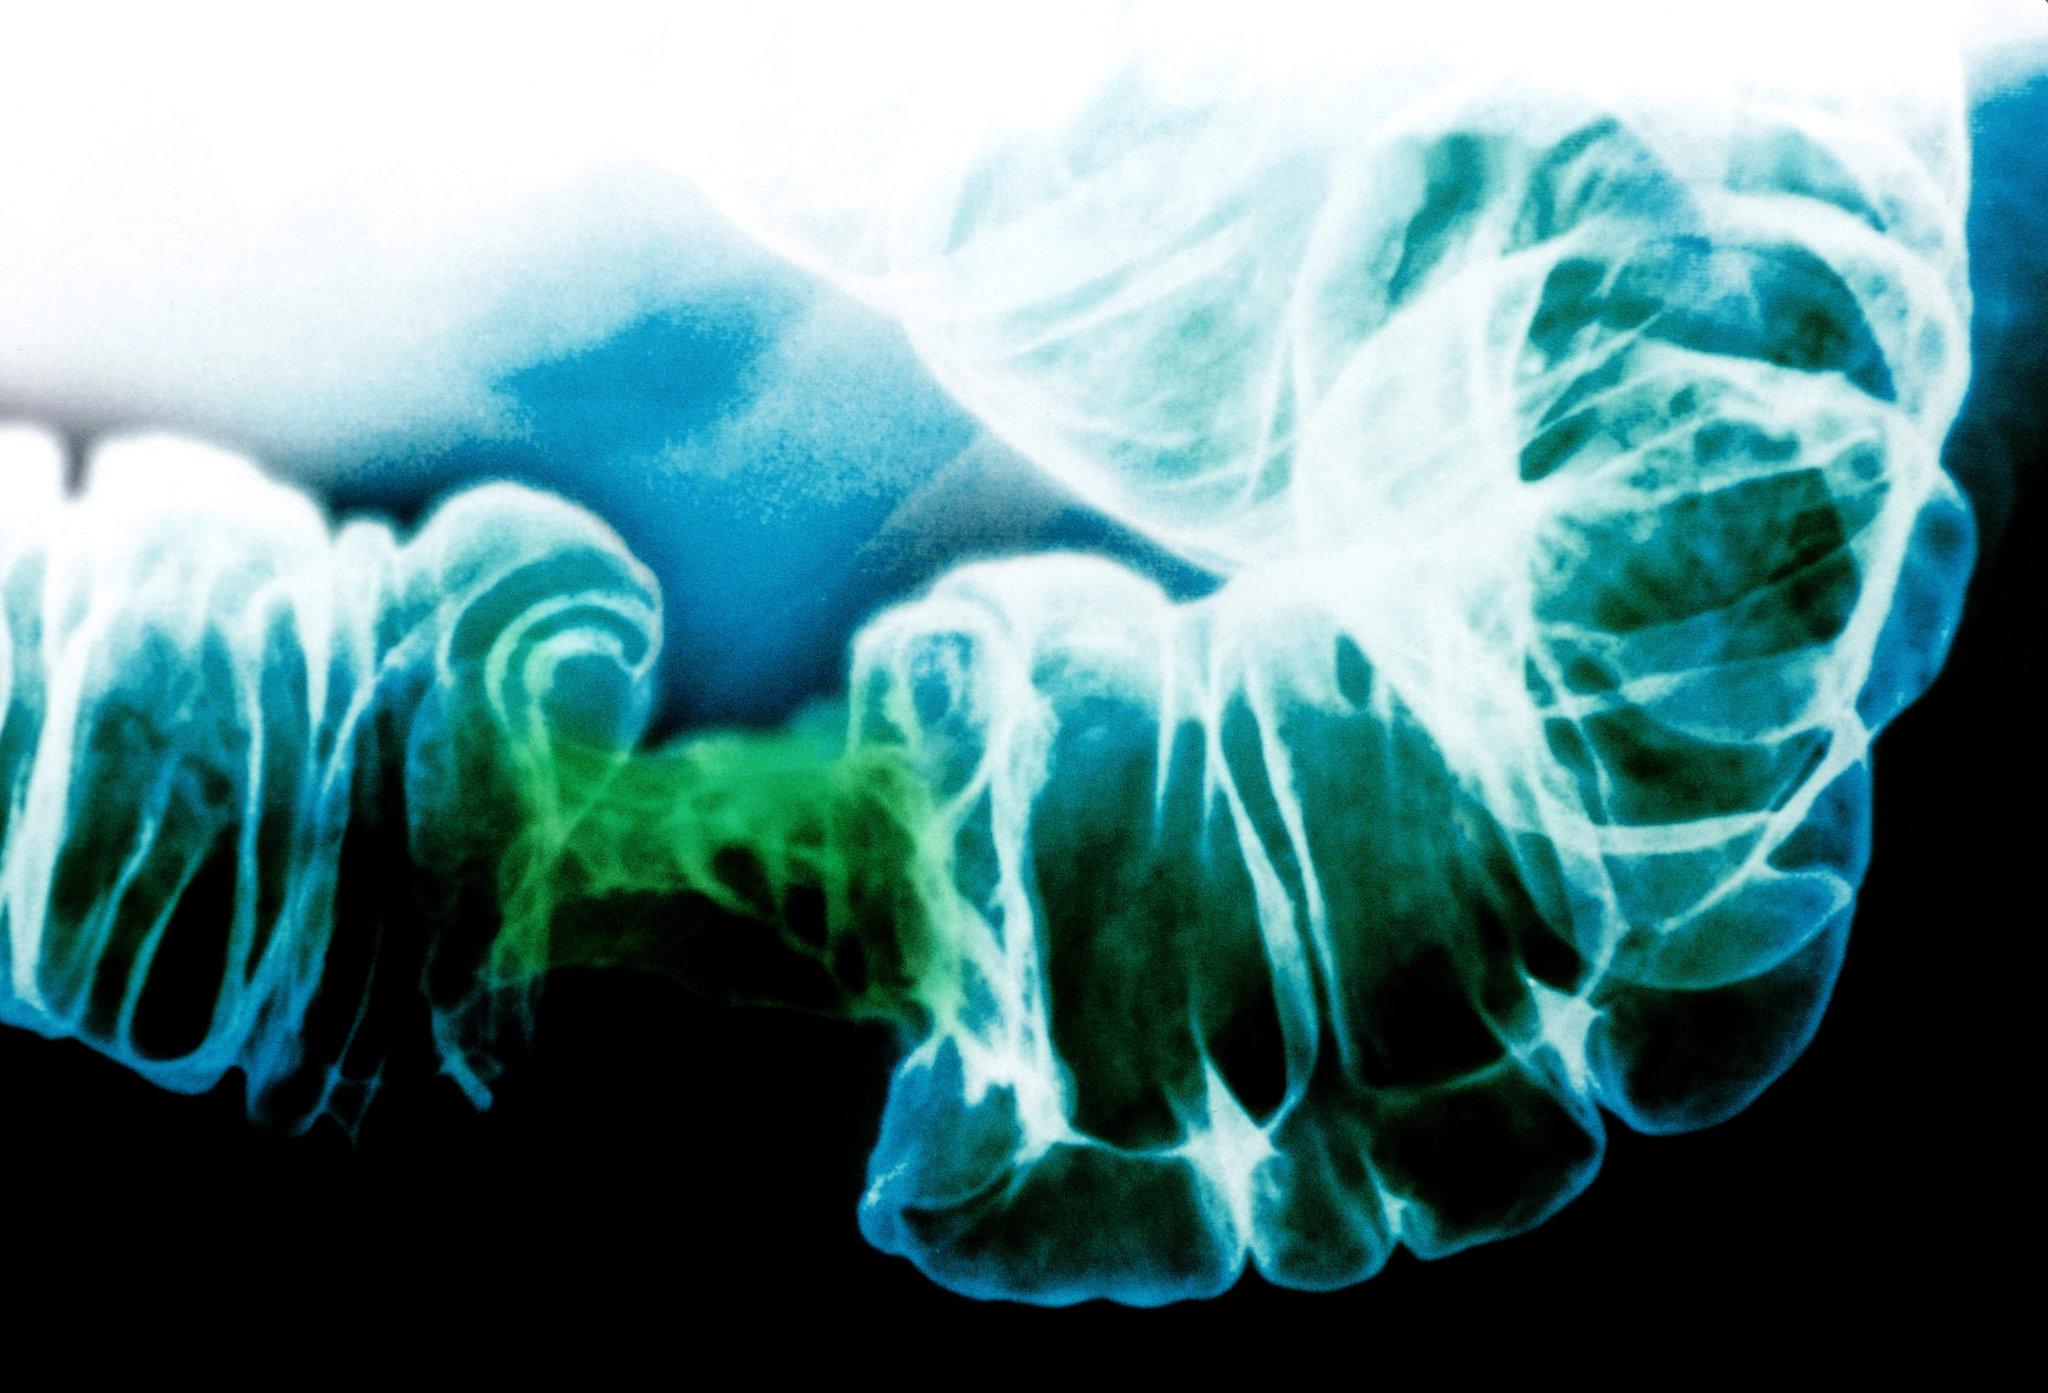 eliminați papiloma penza centru detoxifiere herghelia